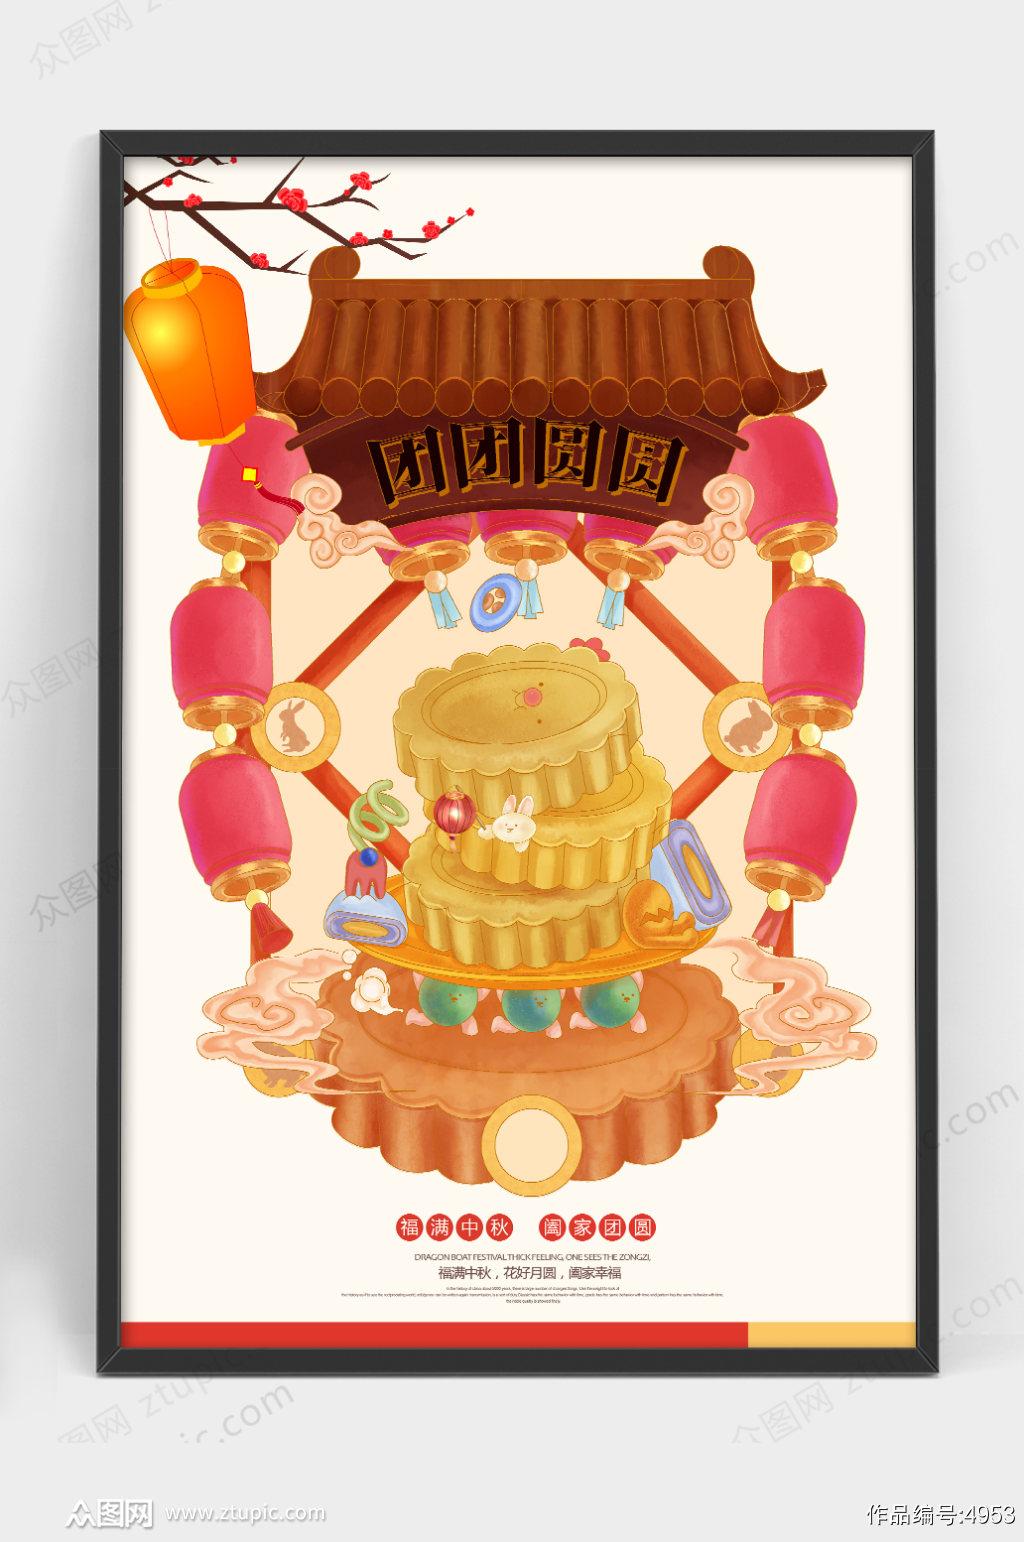 原创中秋节促销海报素材